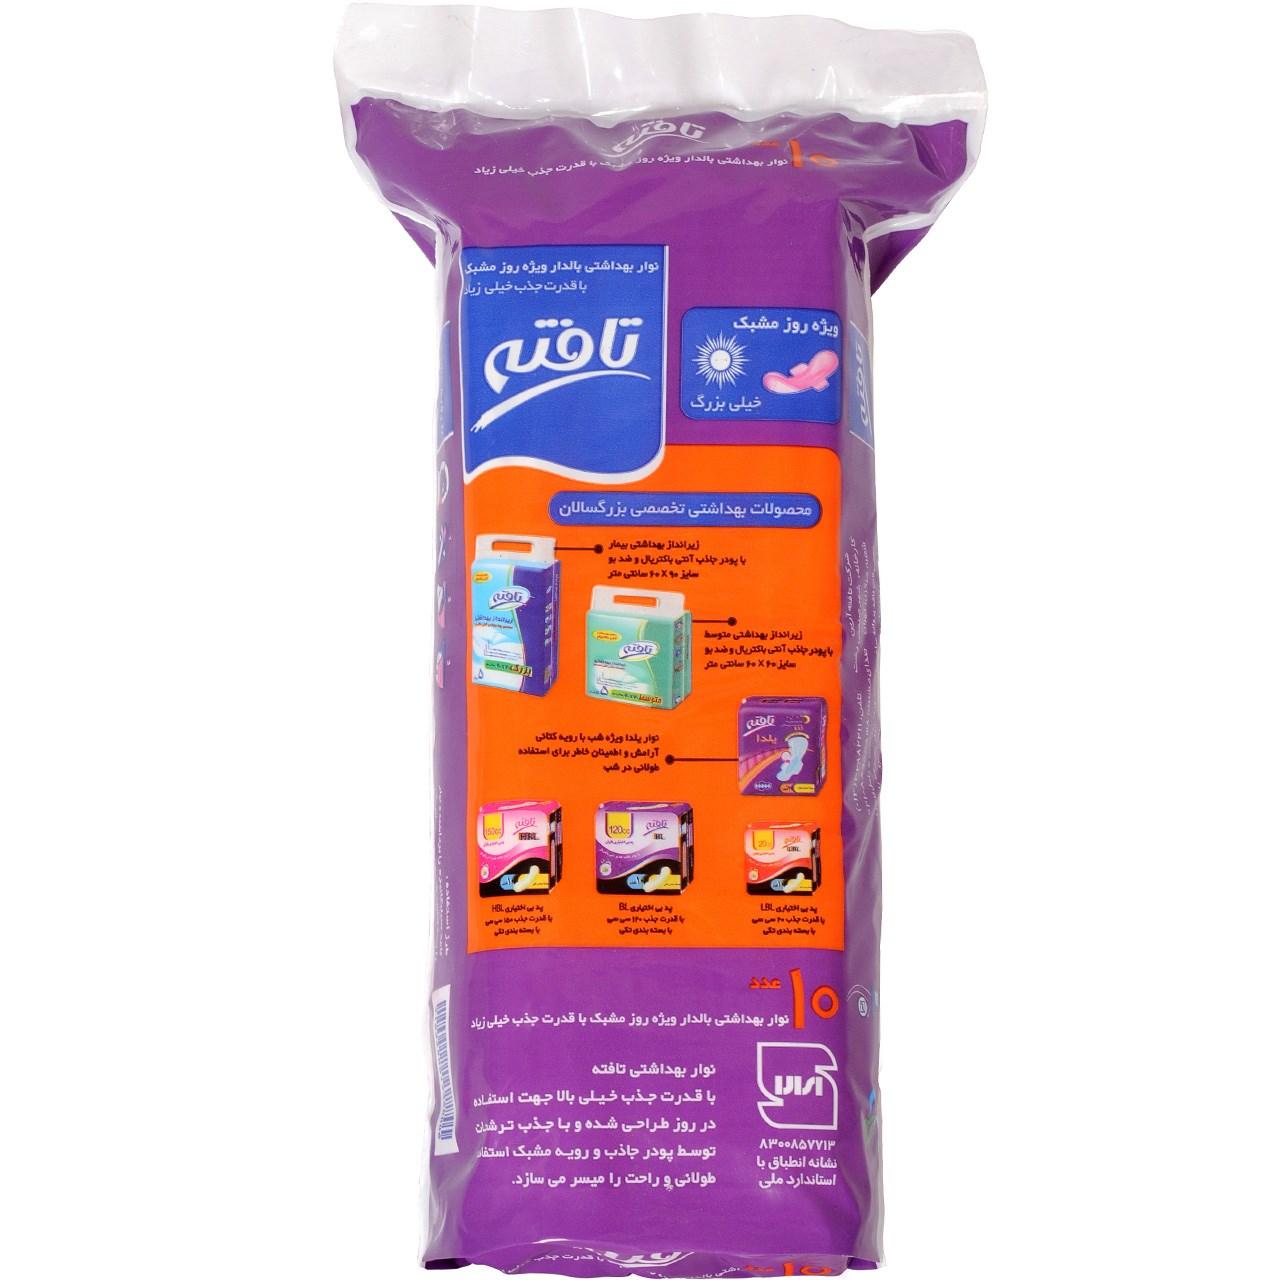 قیمت نوار بهداشتی تافته مدل Purple Daily Use بسته 10 عددی